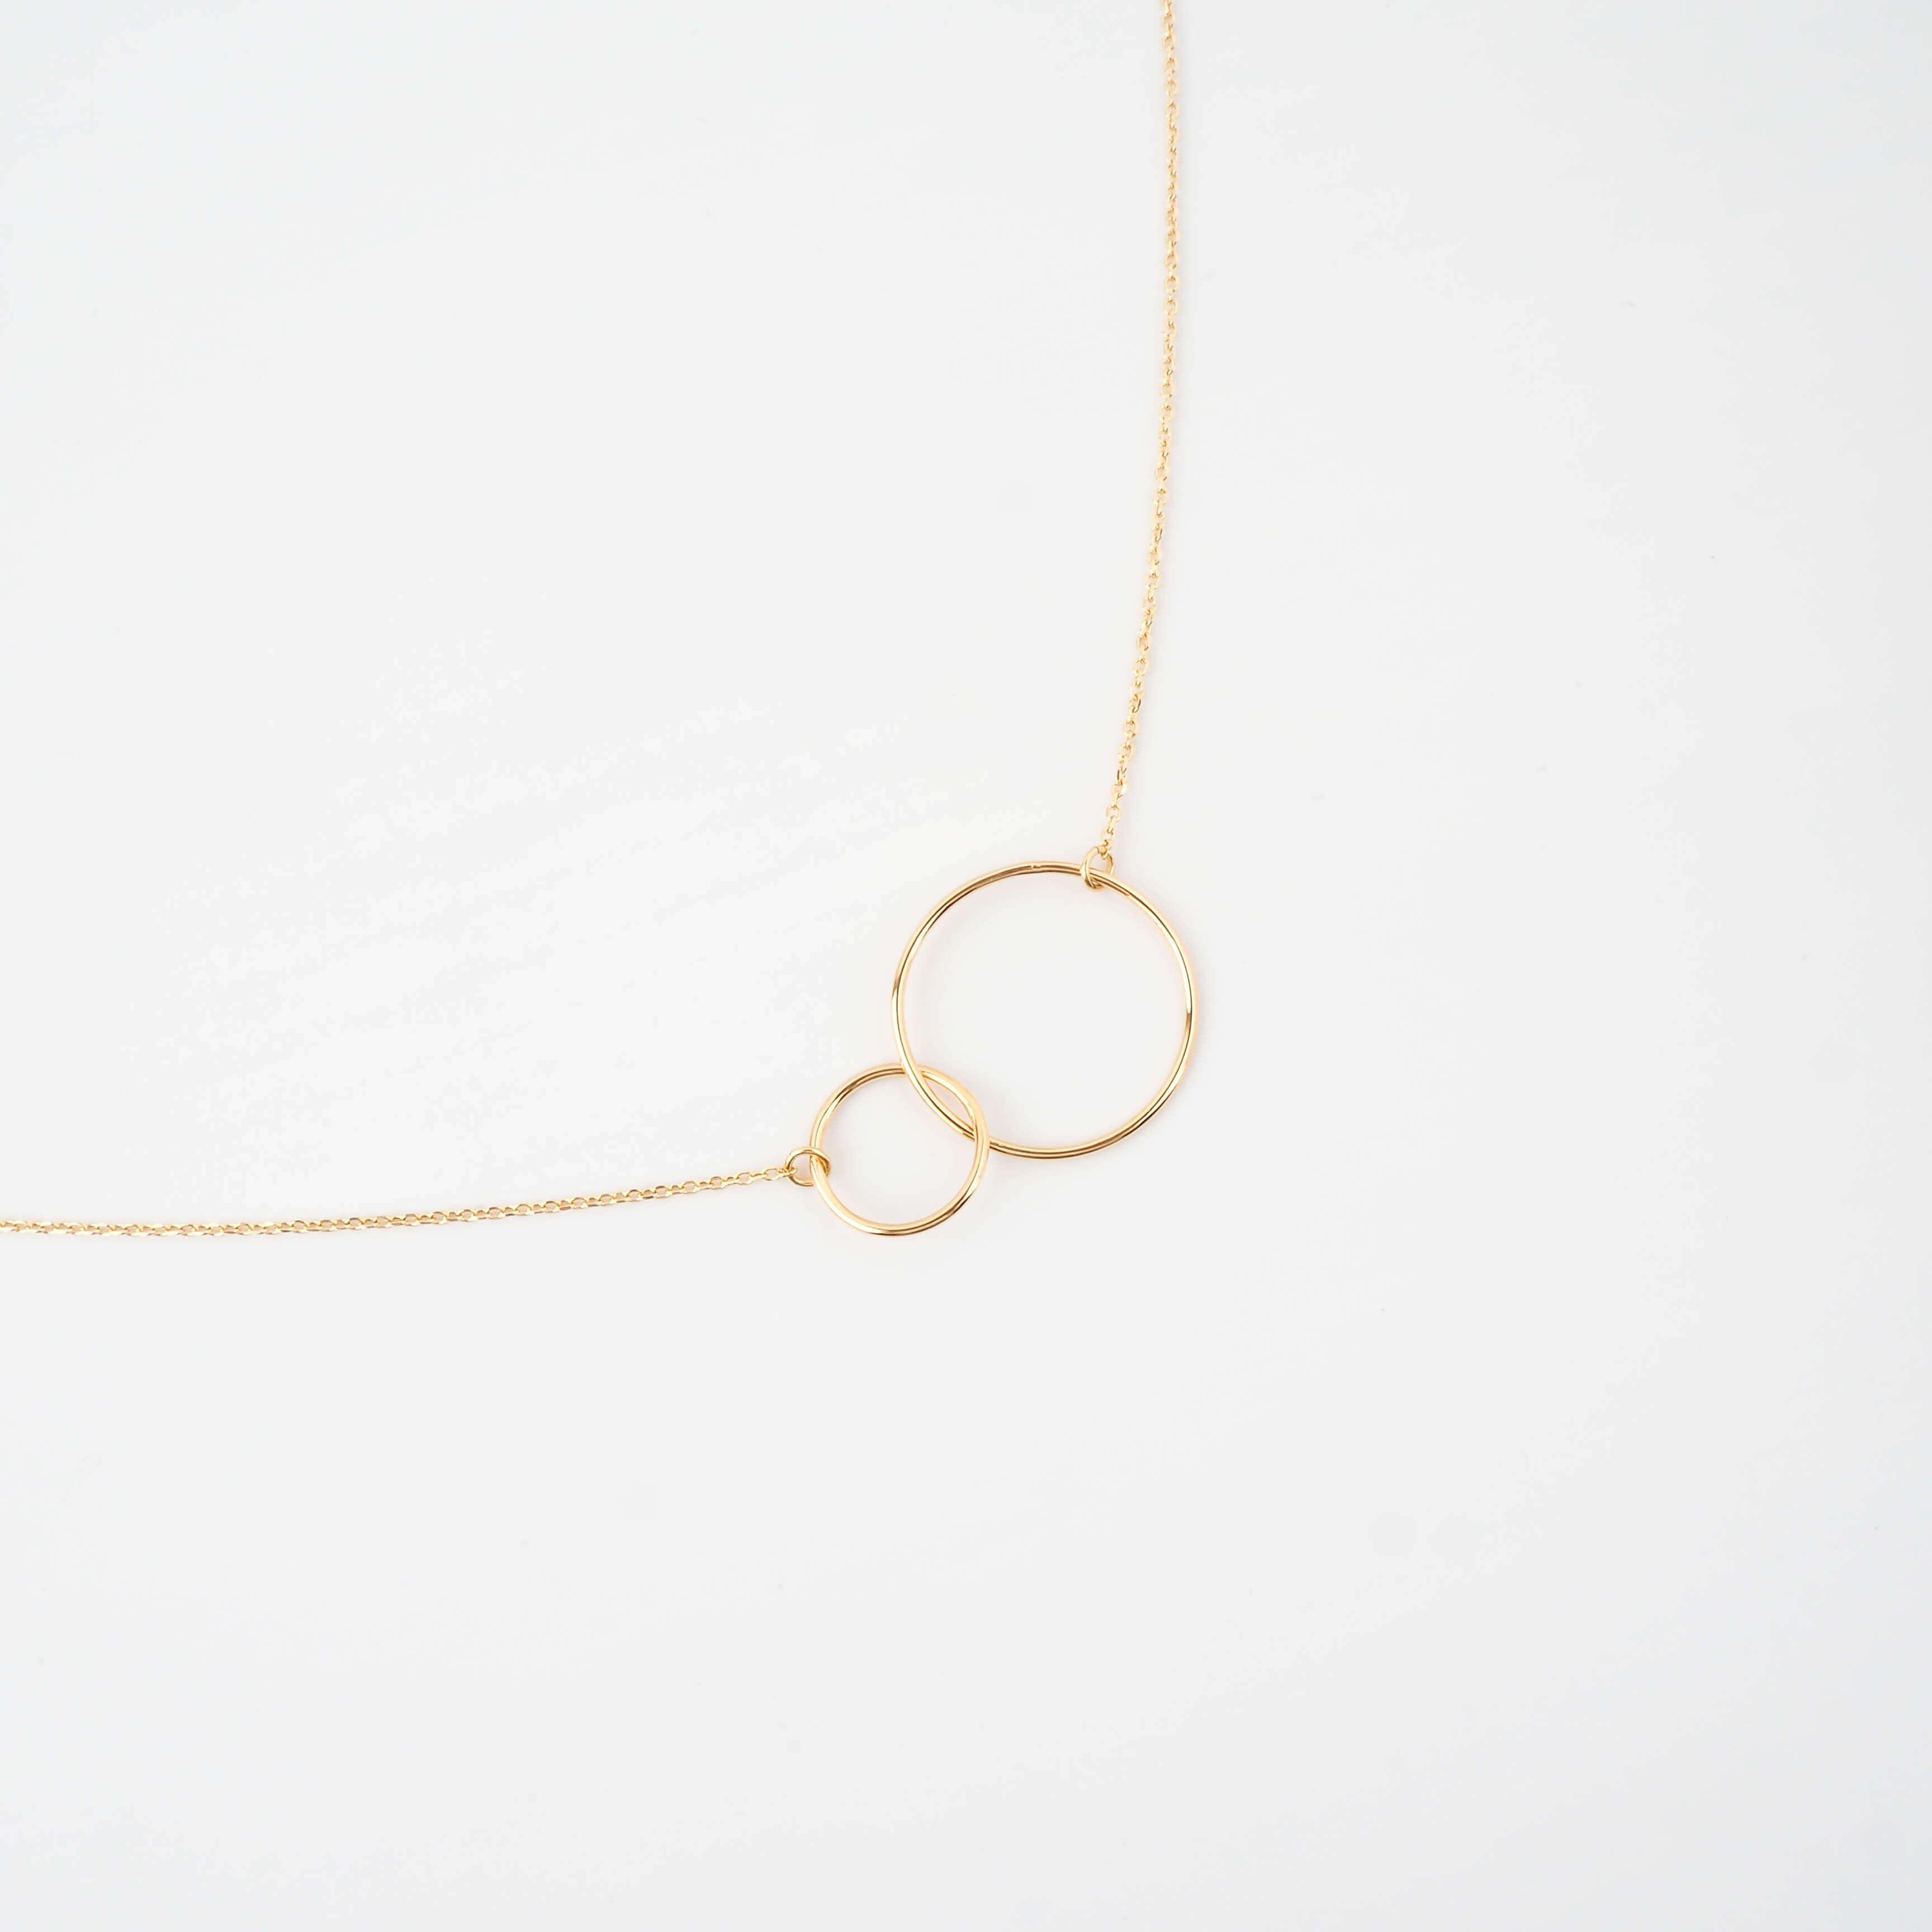 Collier double cercle xl en plaqué or - Pomme Cannelle